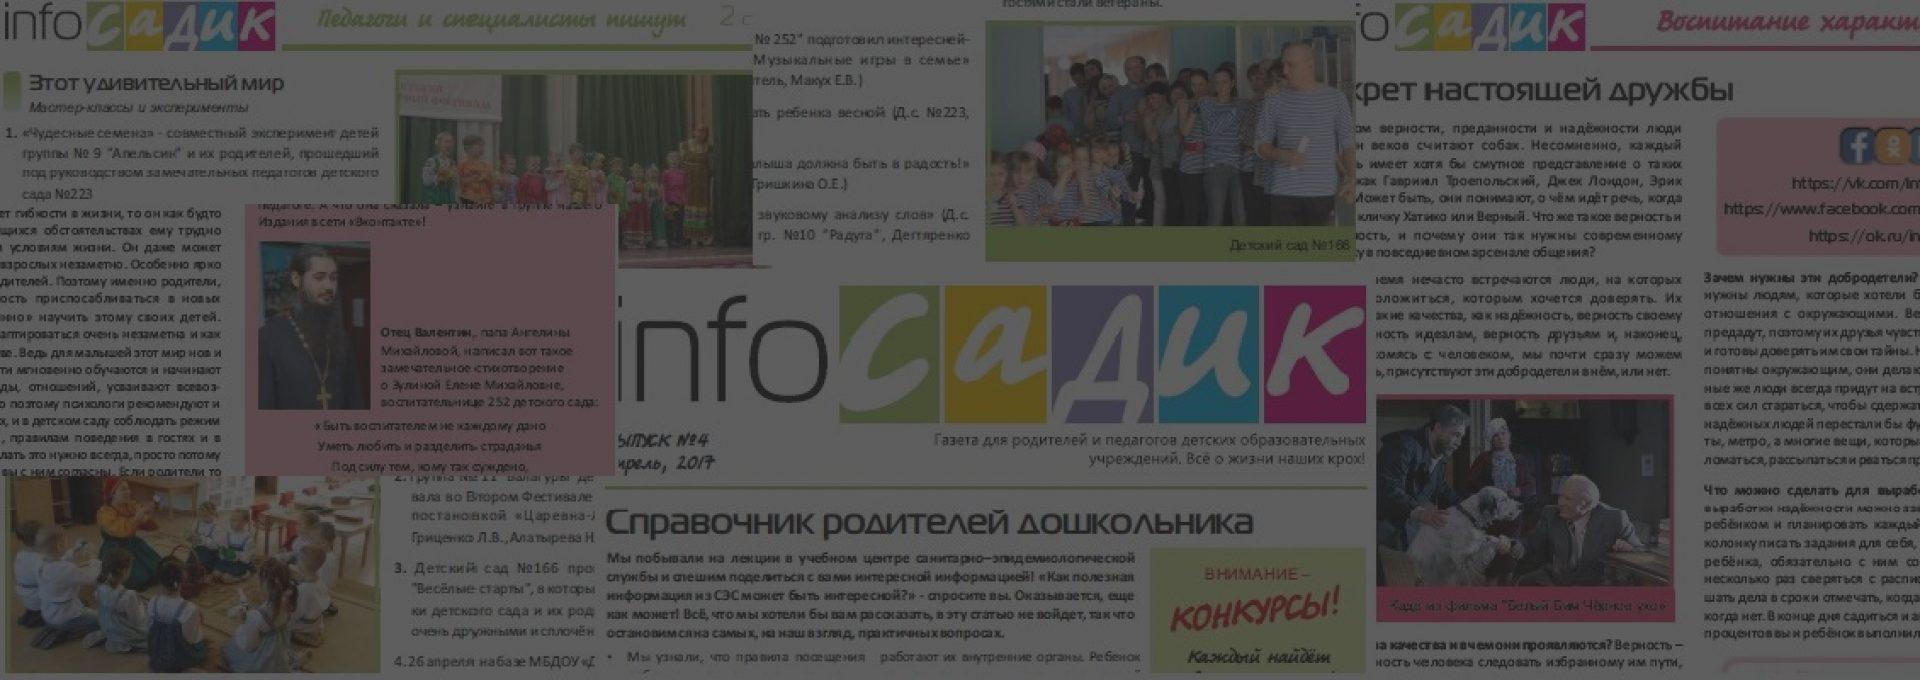 медиа-группа Инфосадик